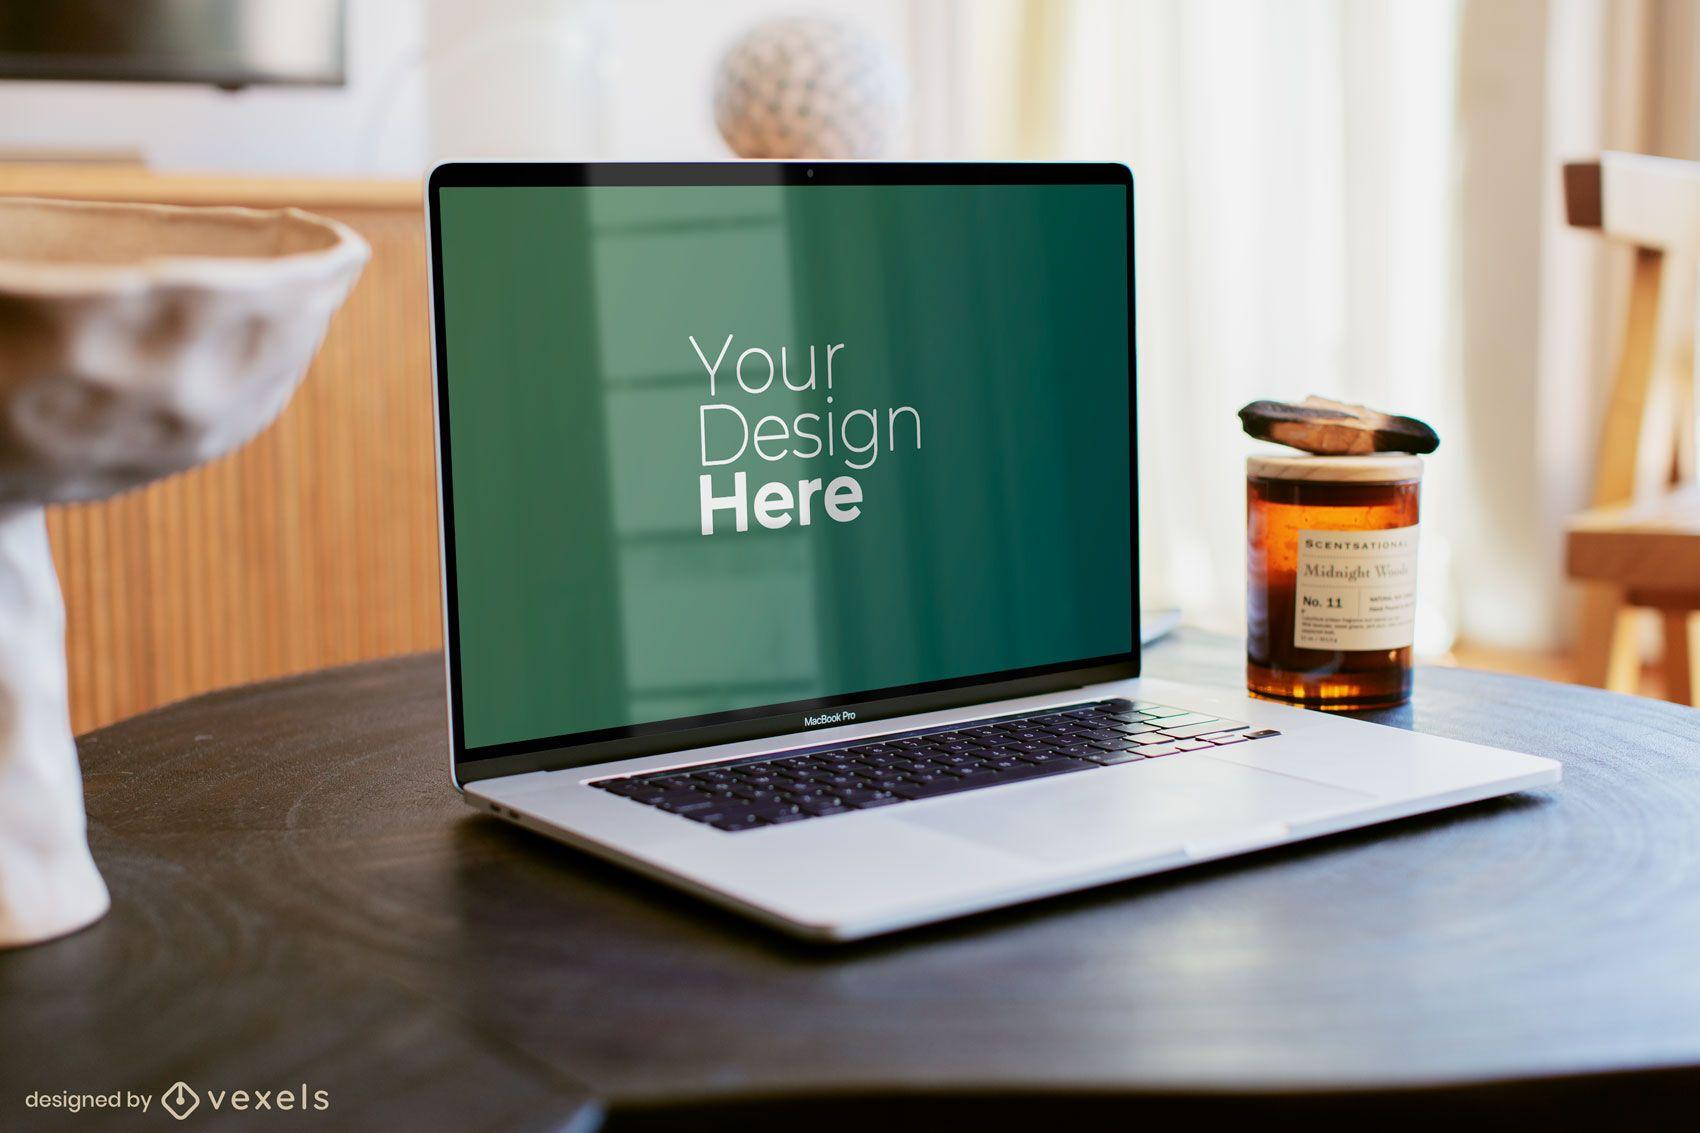 Silber Macbook Laptop auf Holztisch Modell